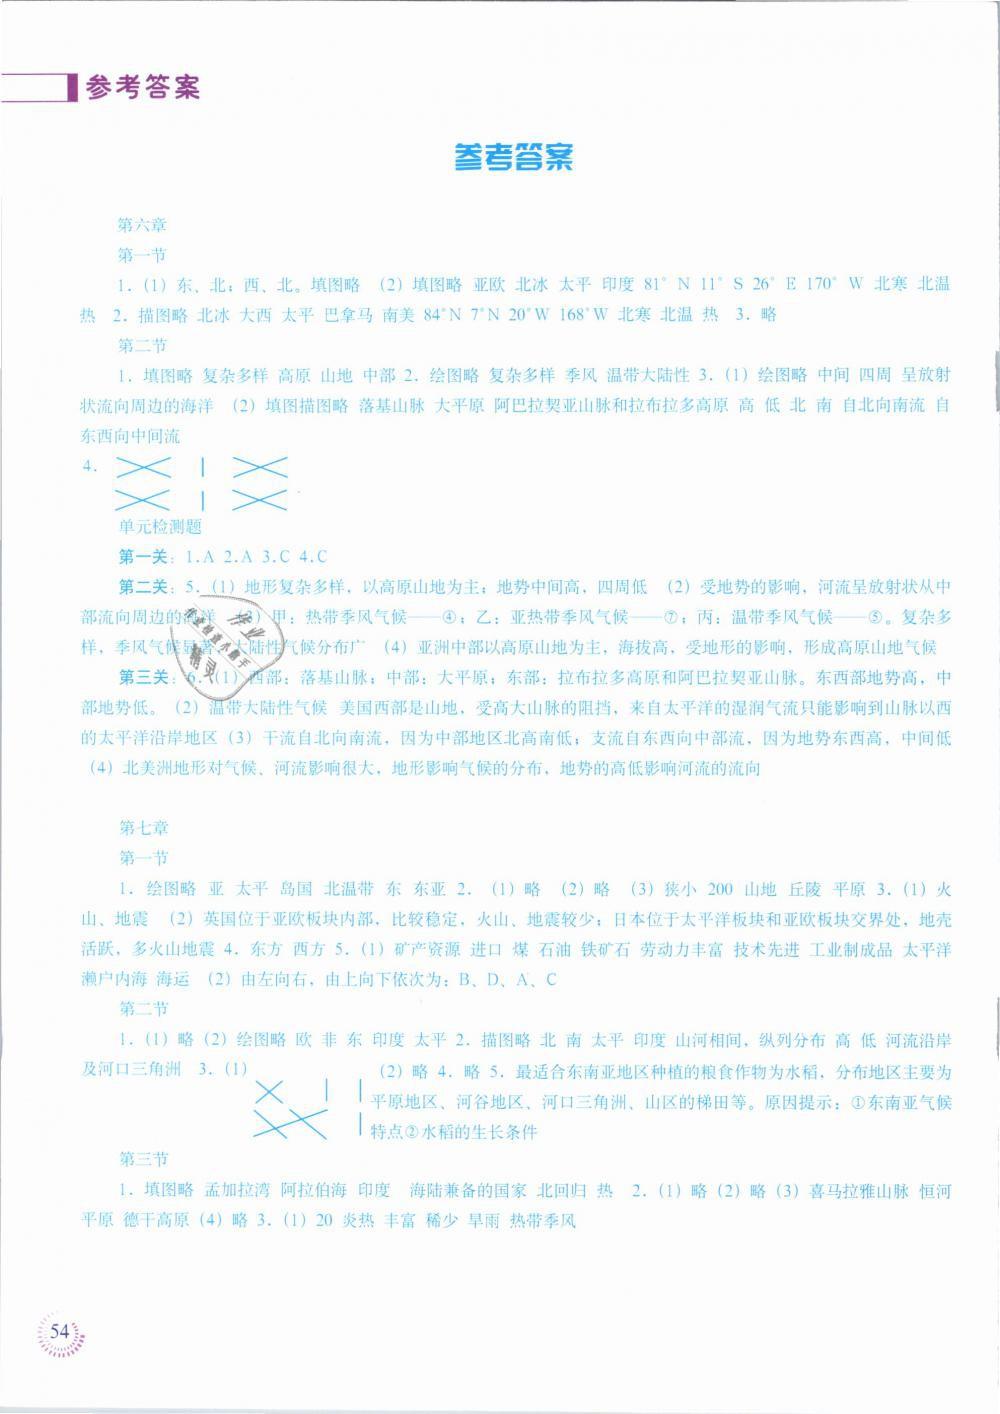 2019年地理填充图册七年级下册人教版中国地图出版社第1页